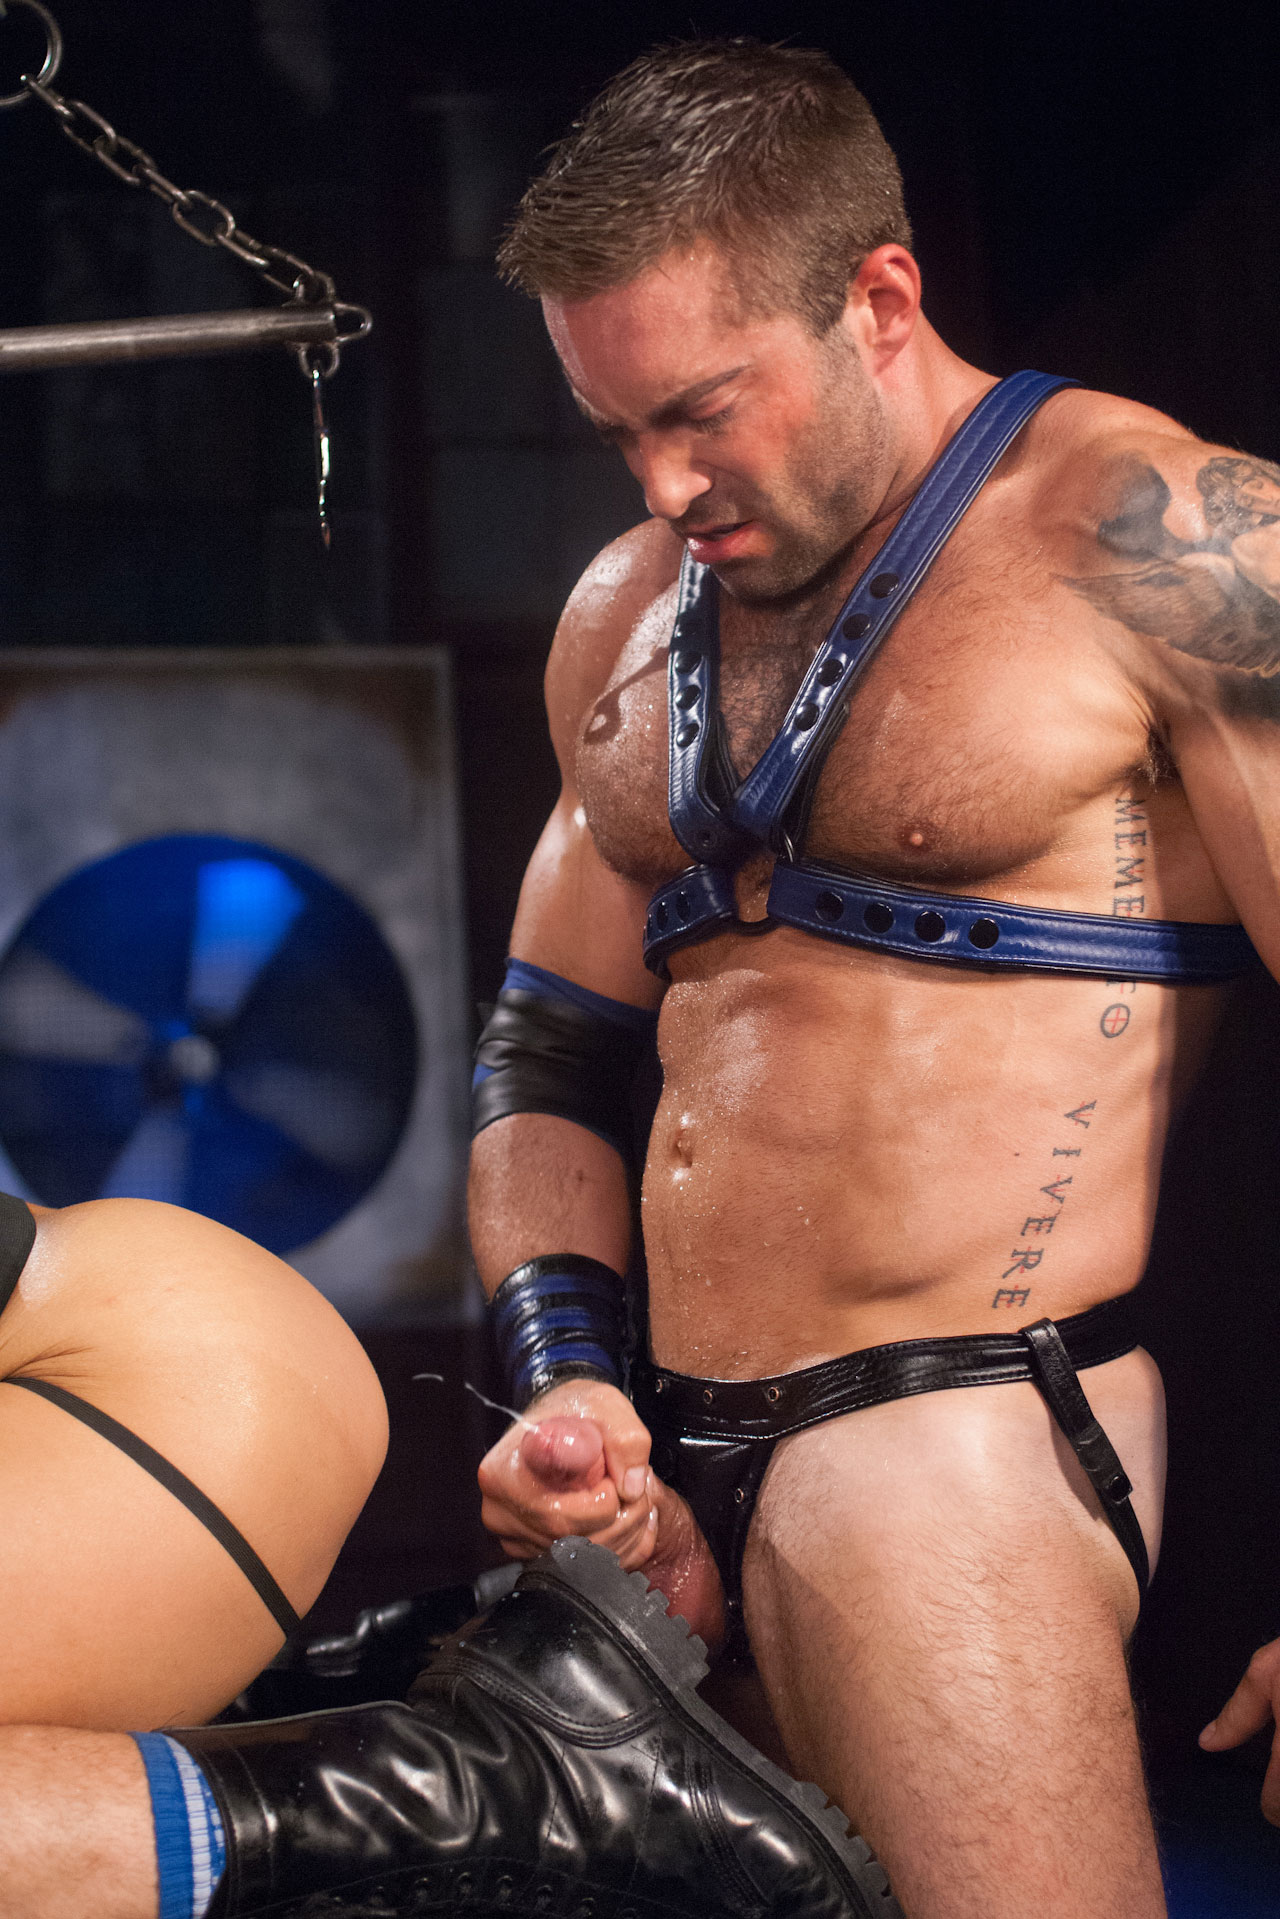 porno gay musculosos